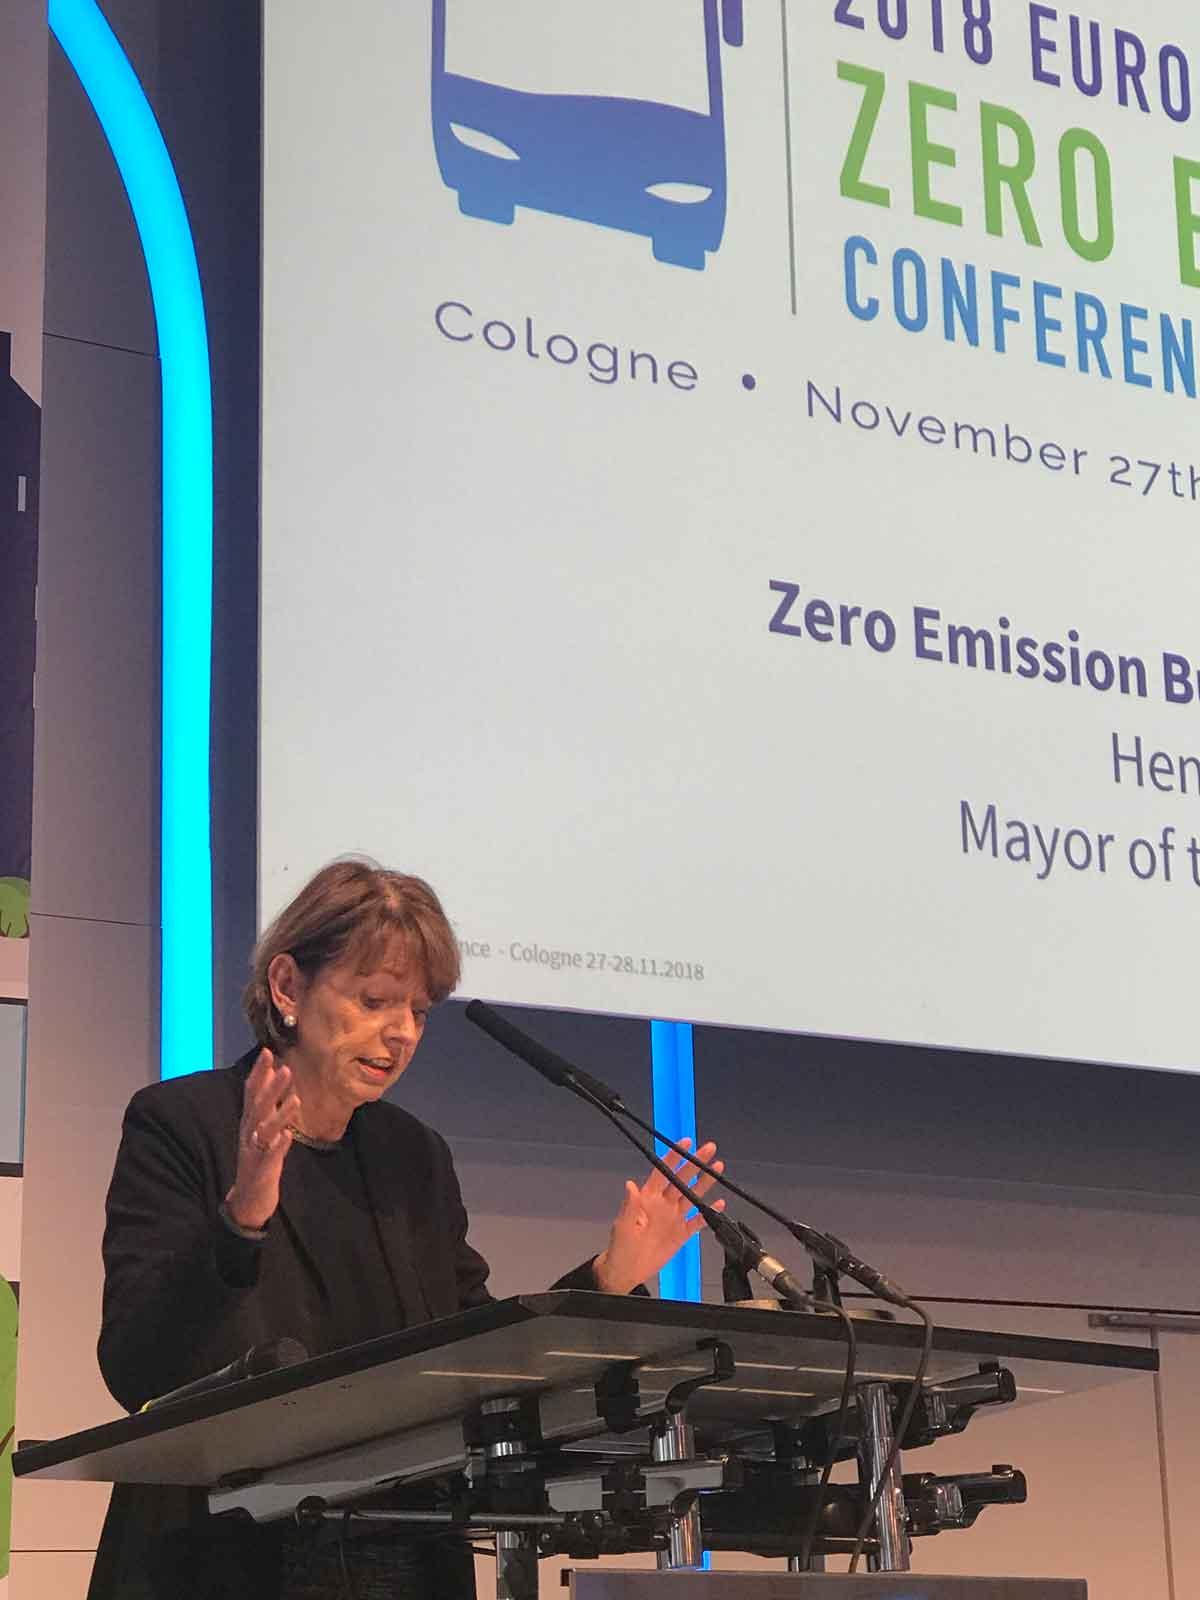 Kölns Oberbürgermeisterin Henriette Reker hob die Leistungen von KVB und RVK hervor, die Kölns politische Ziele unterstützen.